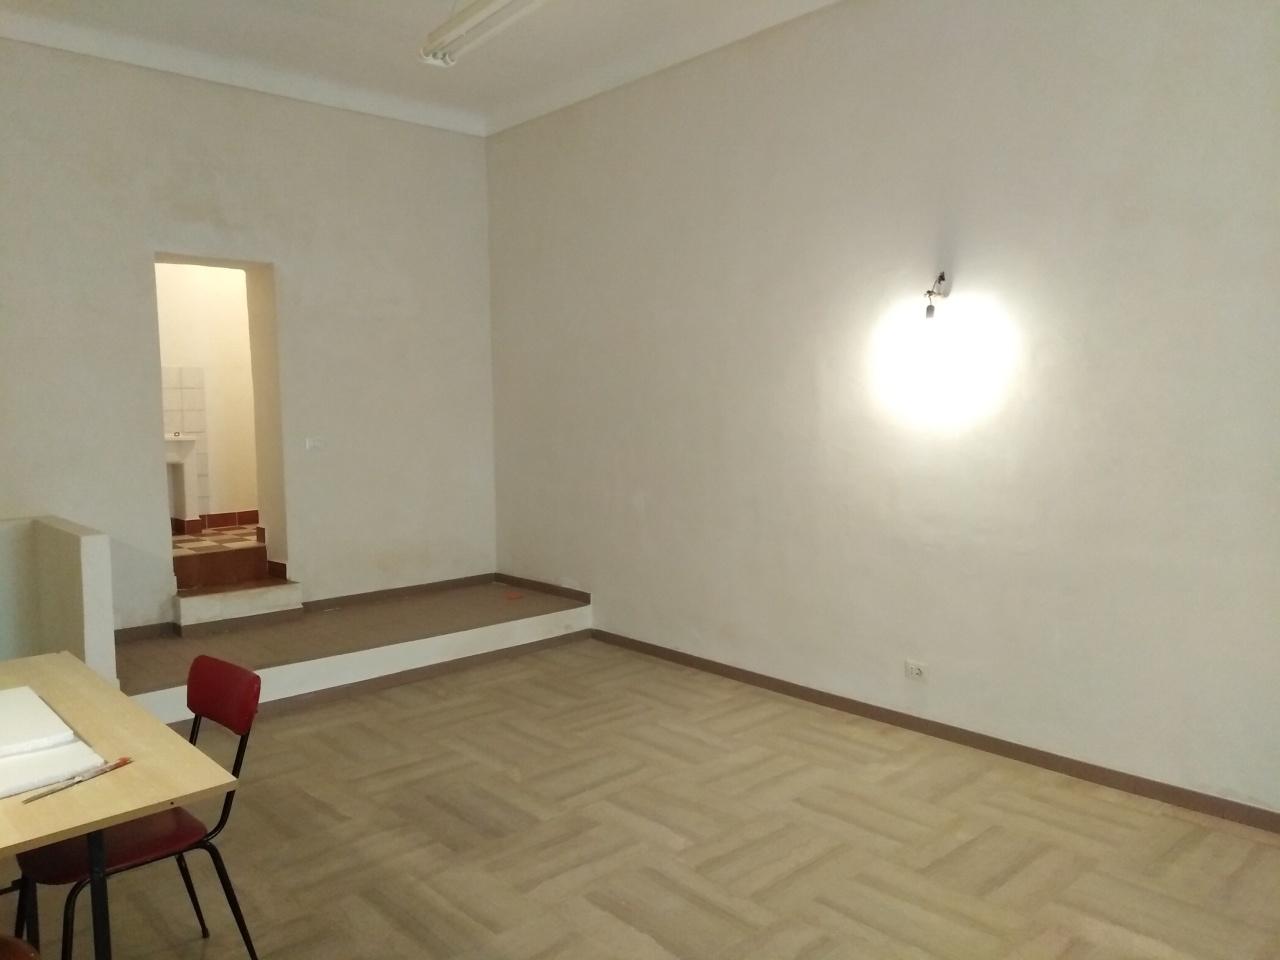 Ufficio a Ragusa Rif. 10254003